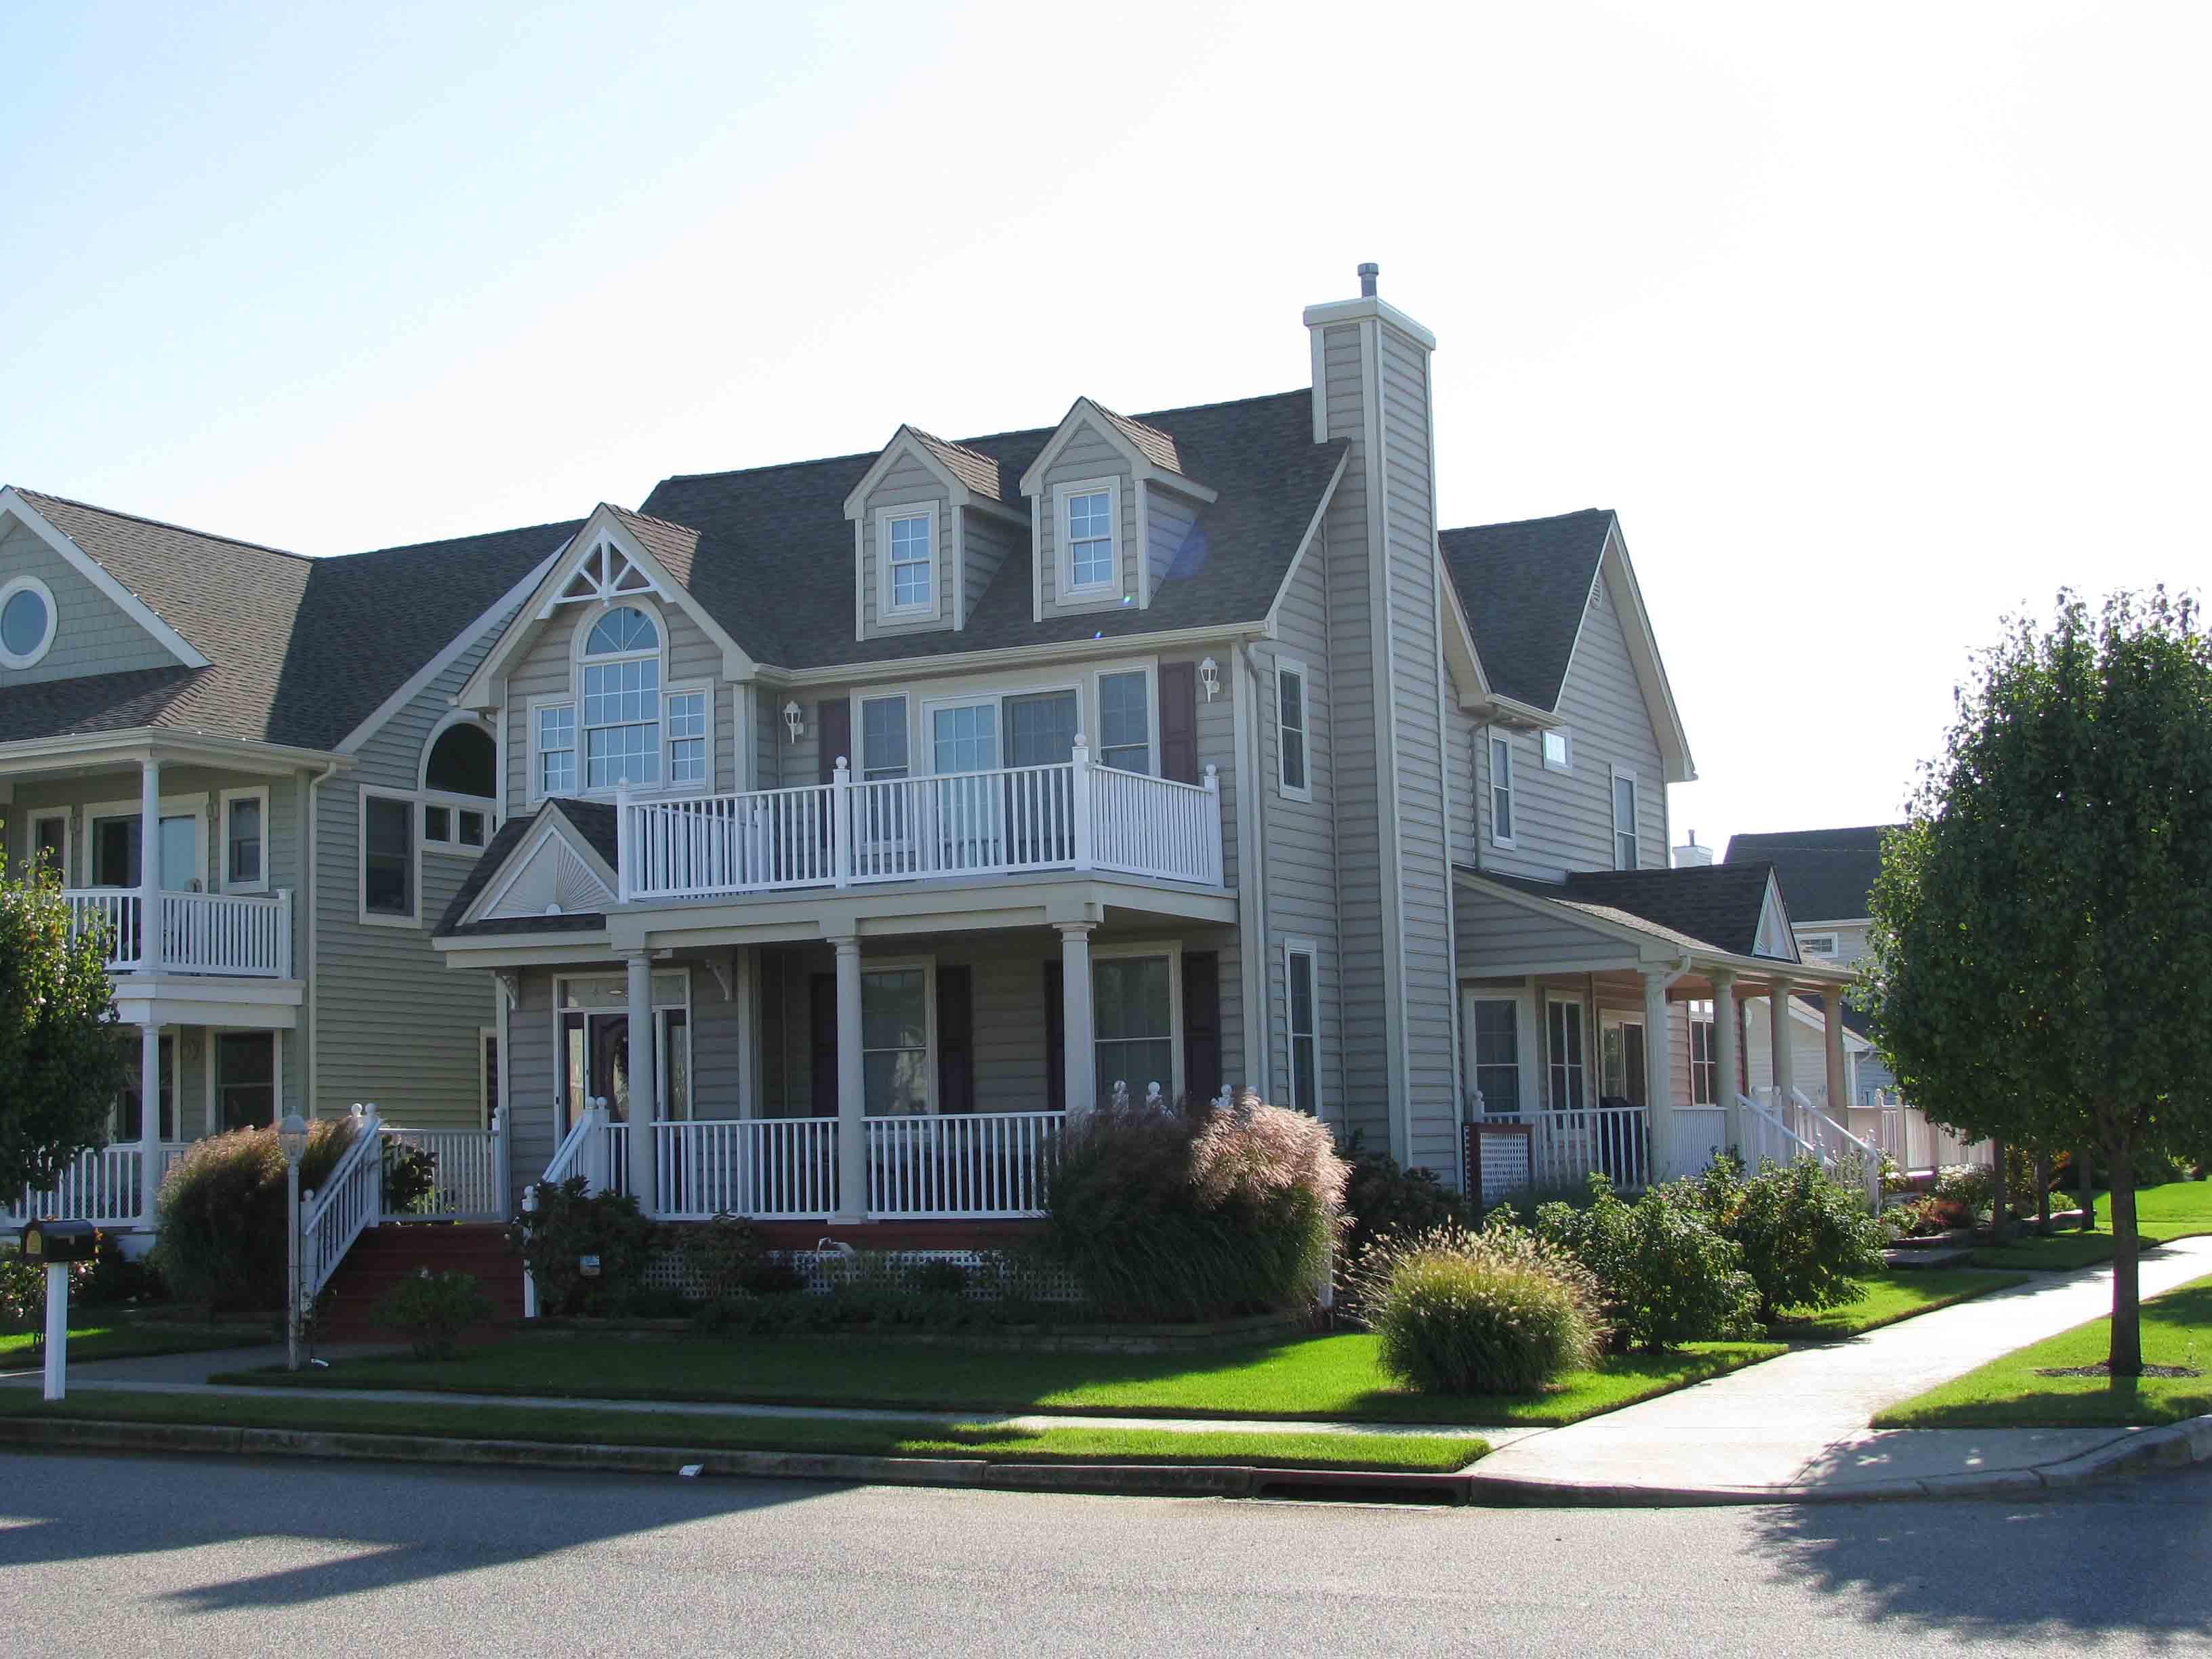 Coastal Homes Single Family22